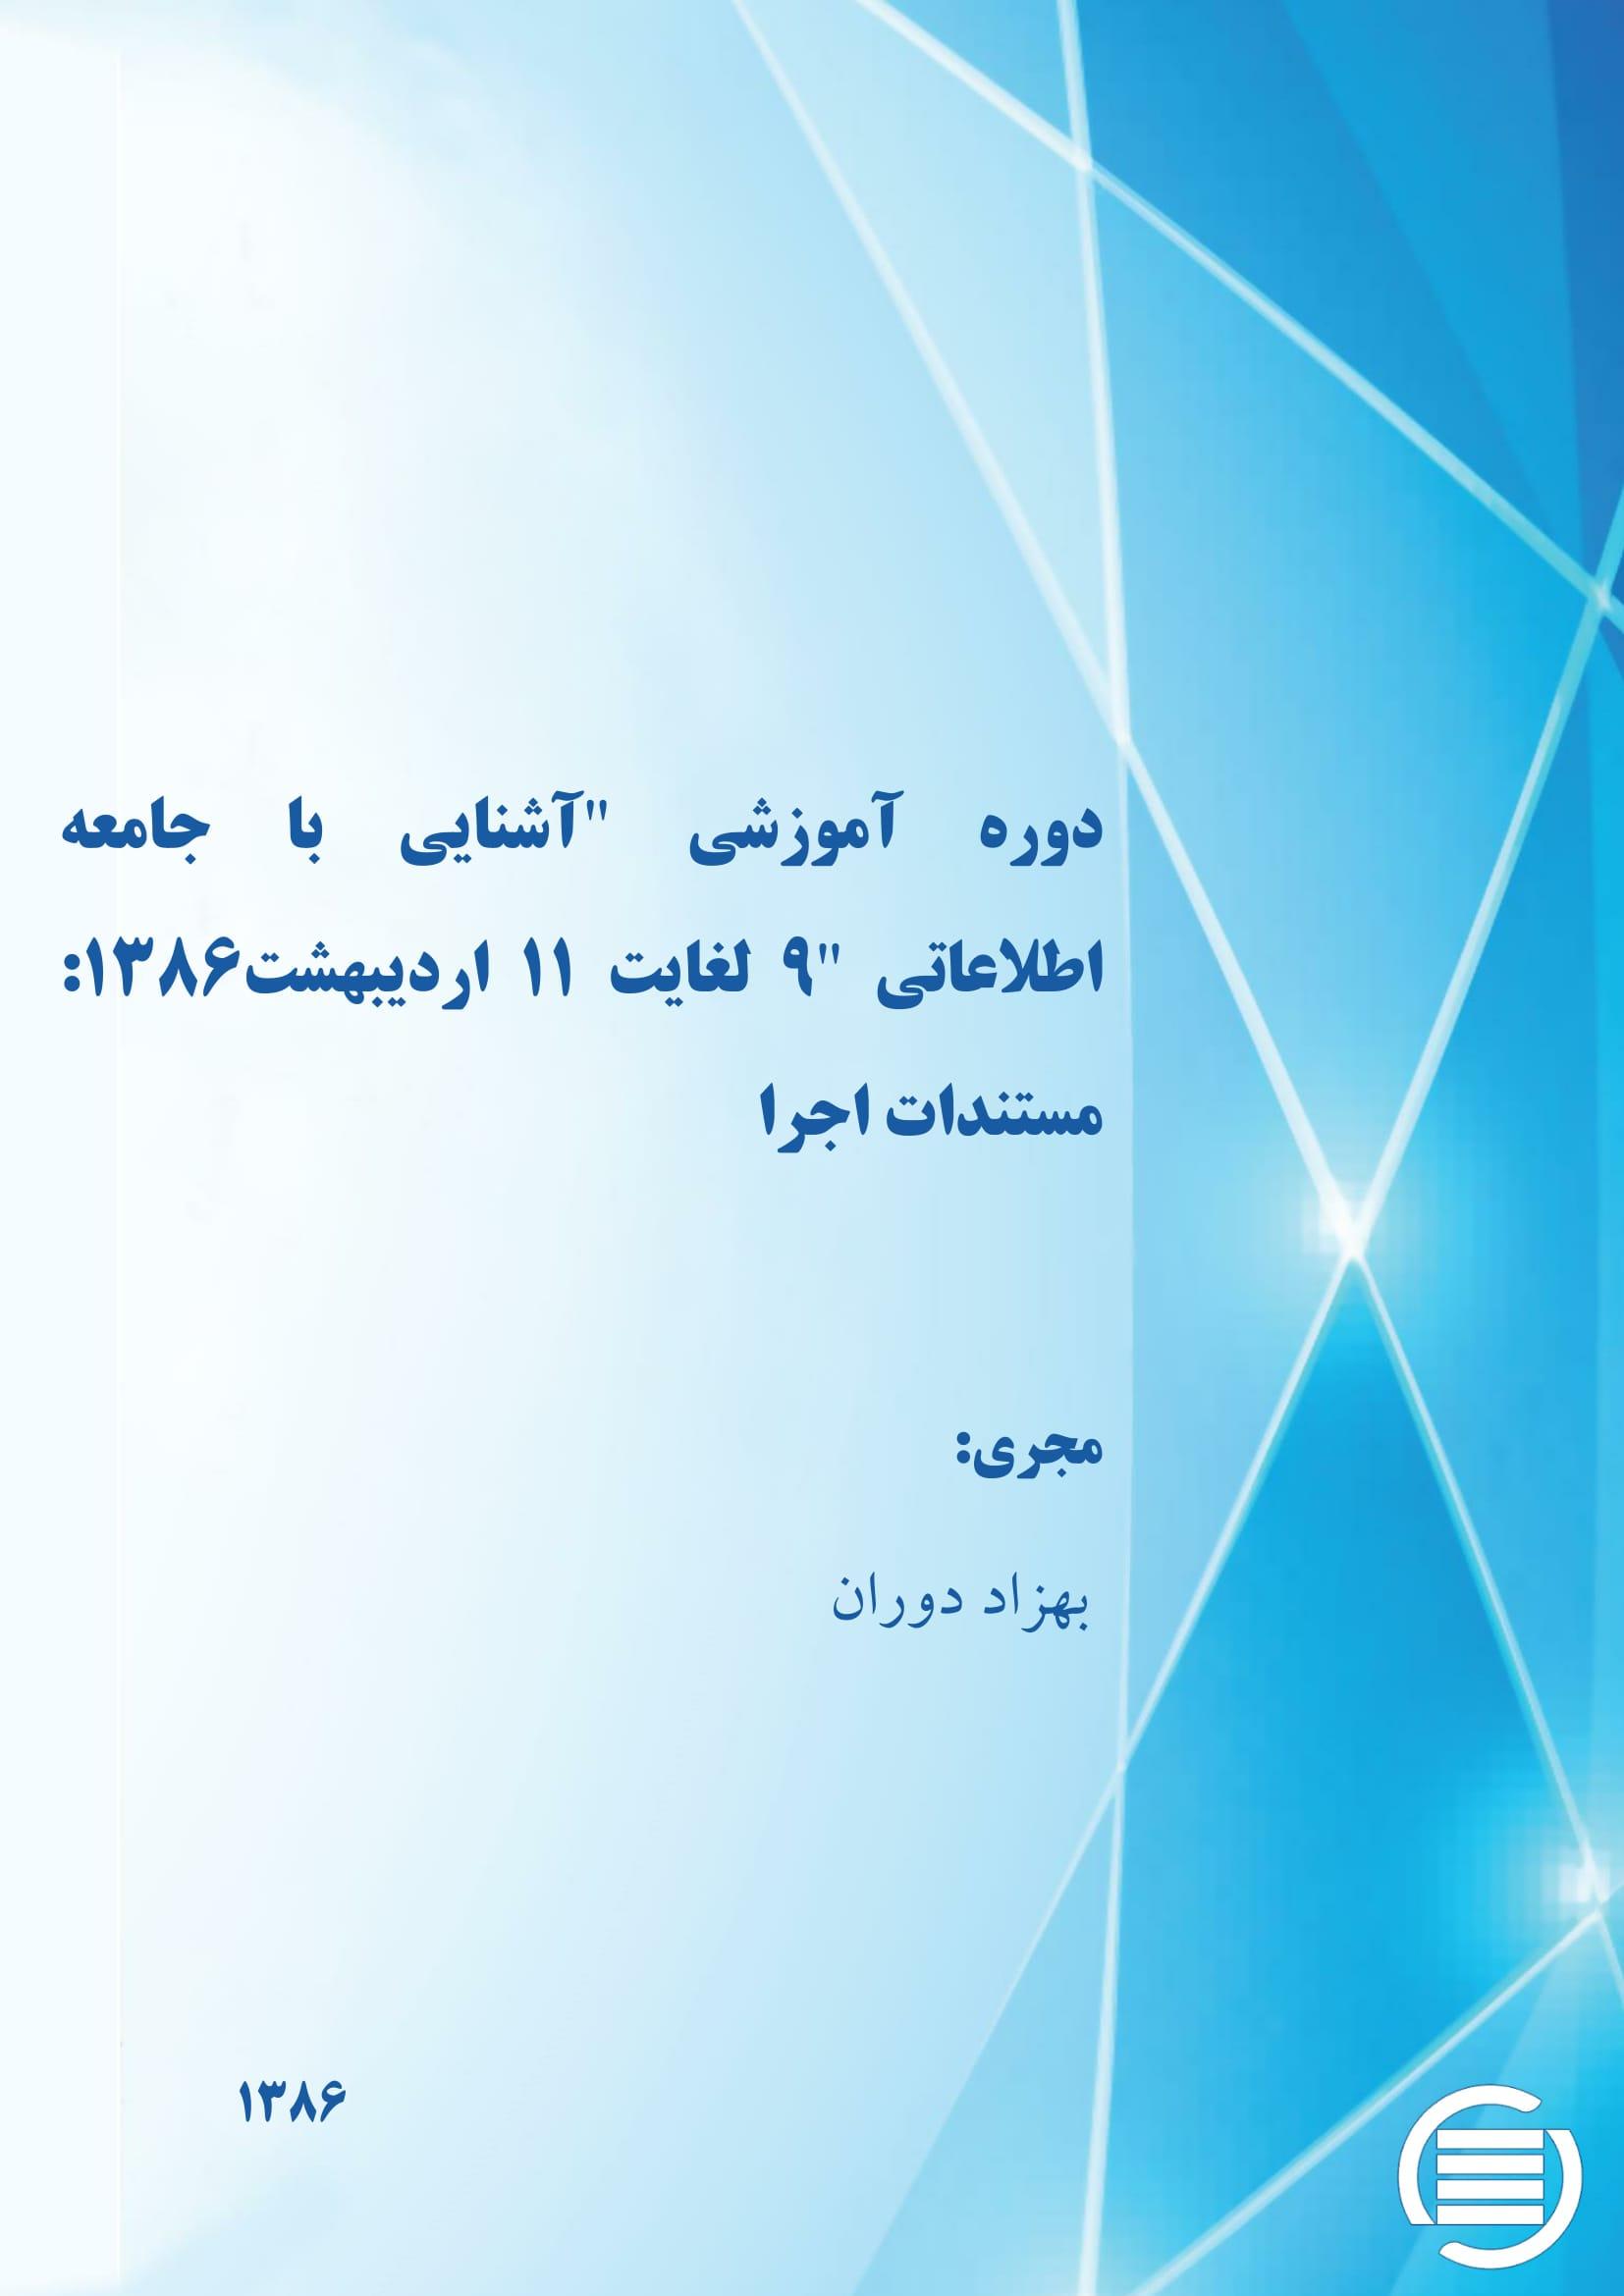 """دوره آموزشی """"آشنایی با جامعه اطلاعاتی"""" ۹ لغایت ۱۱ اردیبهشت 1386: مستندات اجرا"""